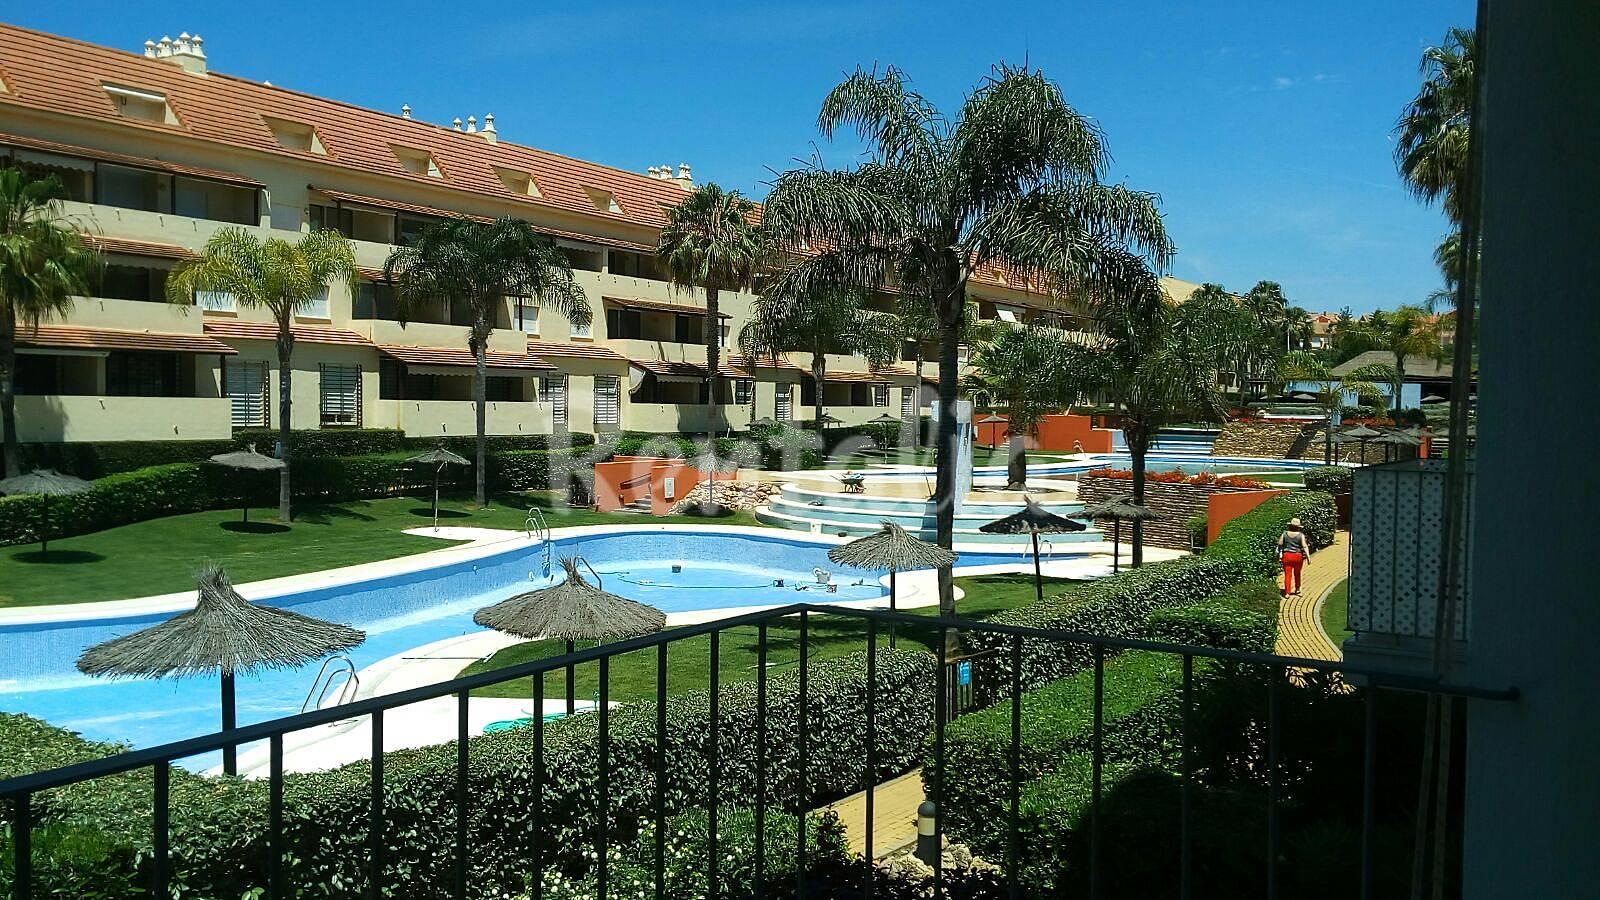 Apartamento en alquiler a 290 m de la playa islantilla i - Rentalia islantilla ...